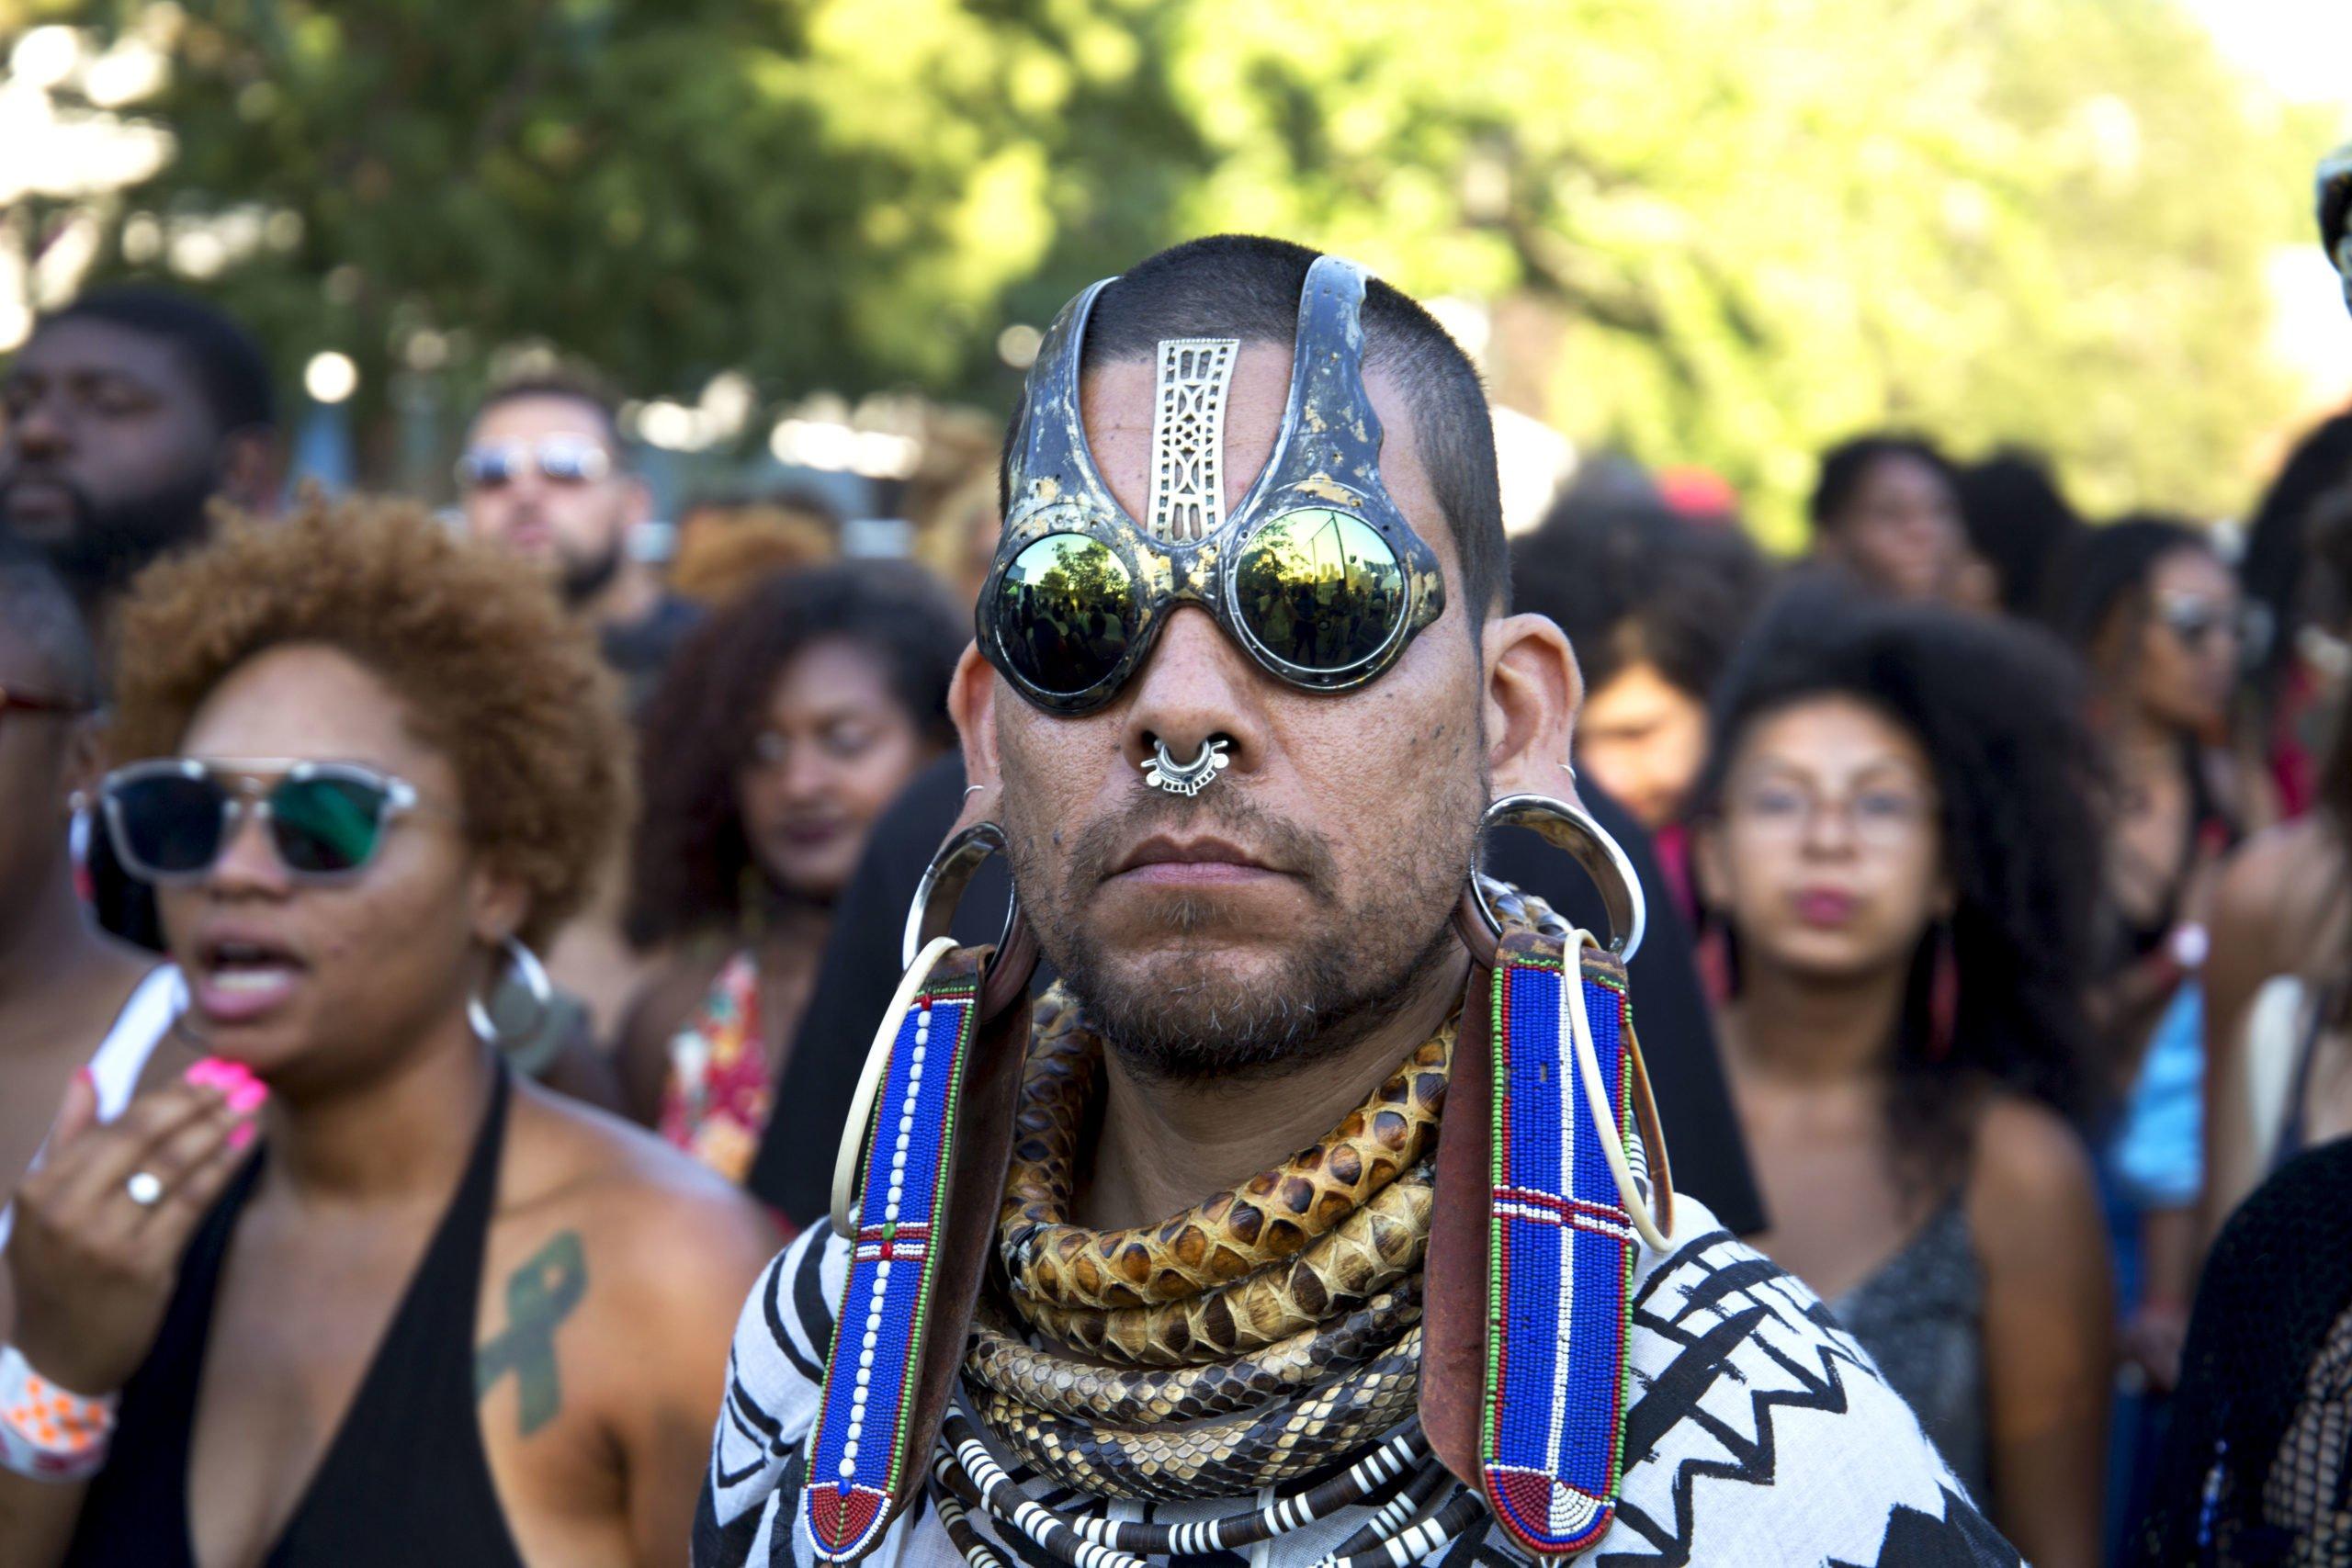 griot-mag-afropunk-festival-inno-alla-diversita-divesity-e-allo-stile-new-york-brooklyn-52-©johanne affricot